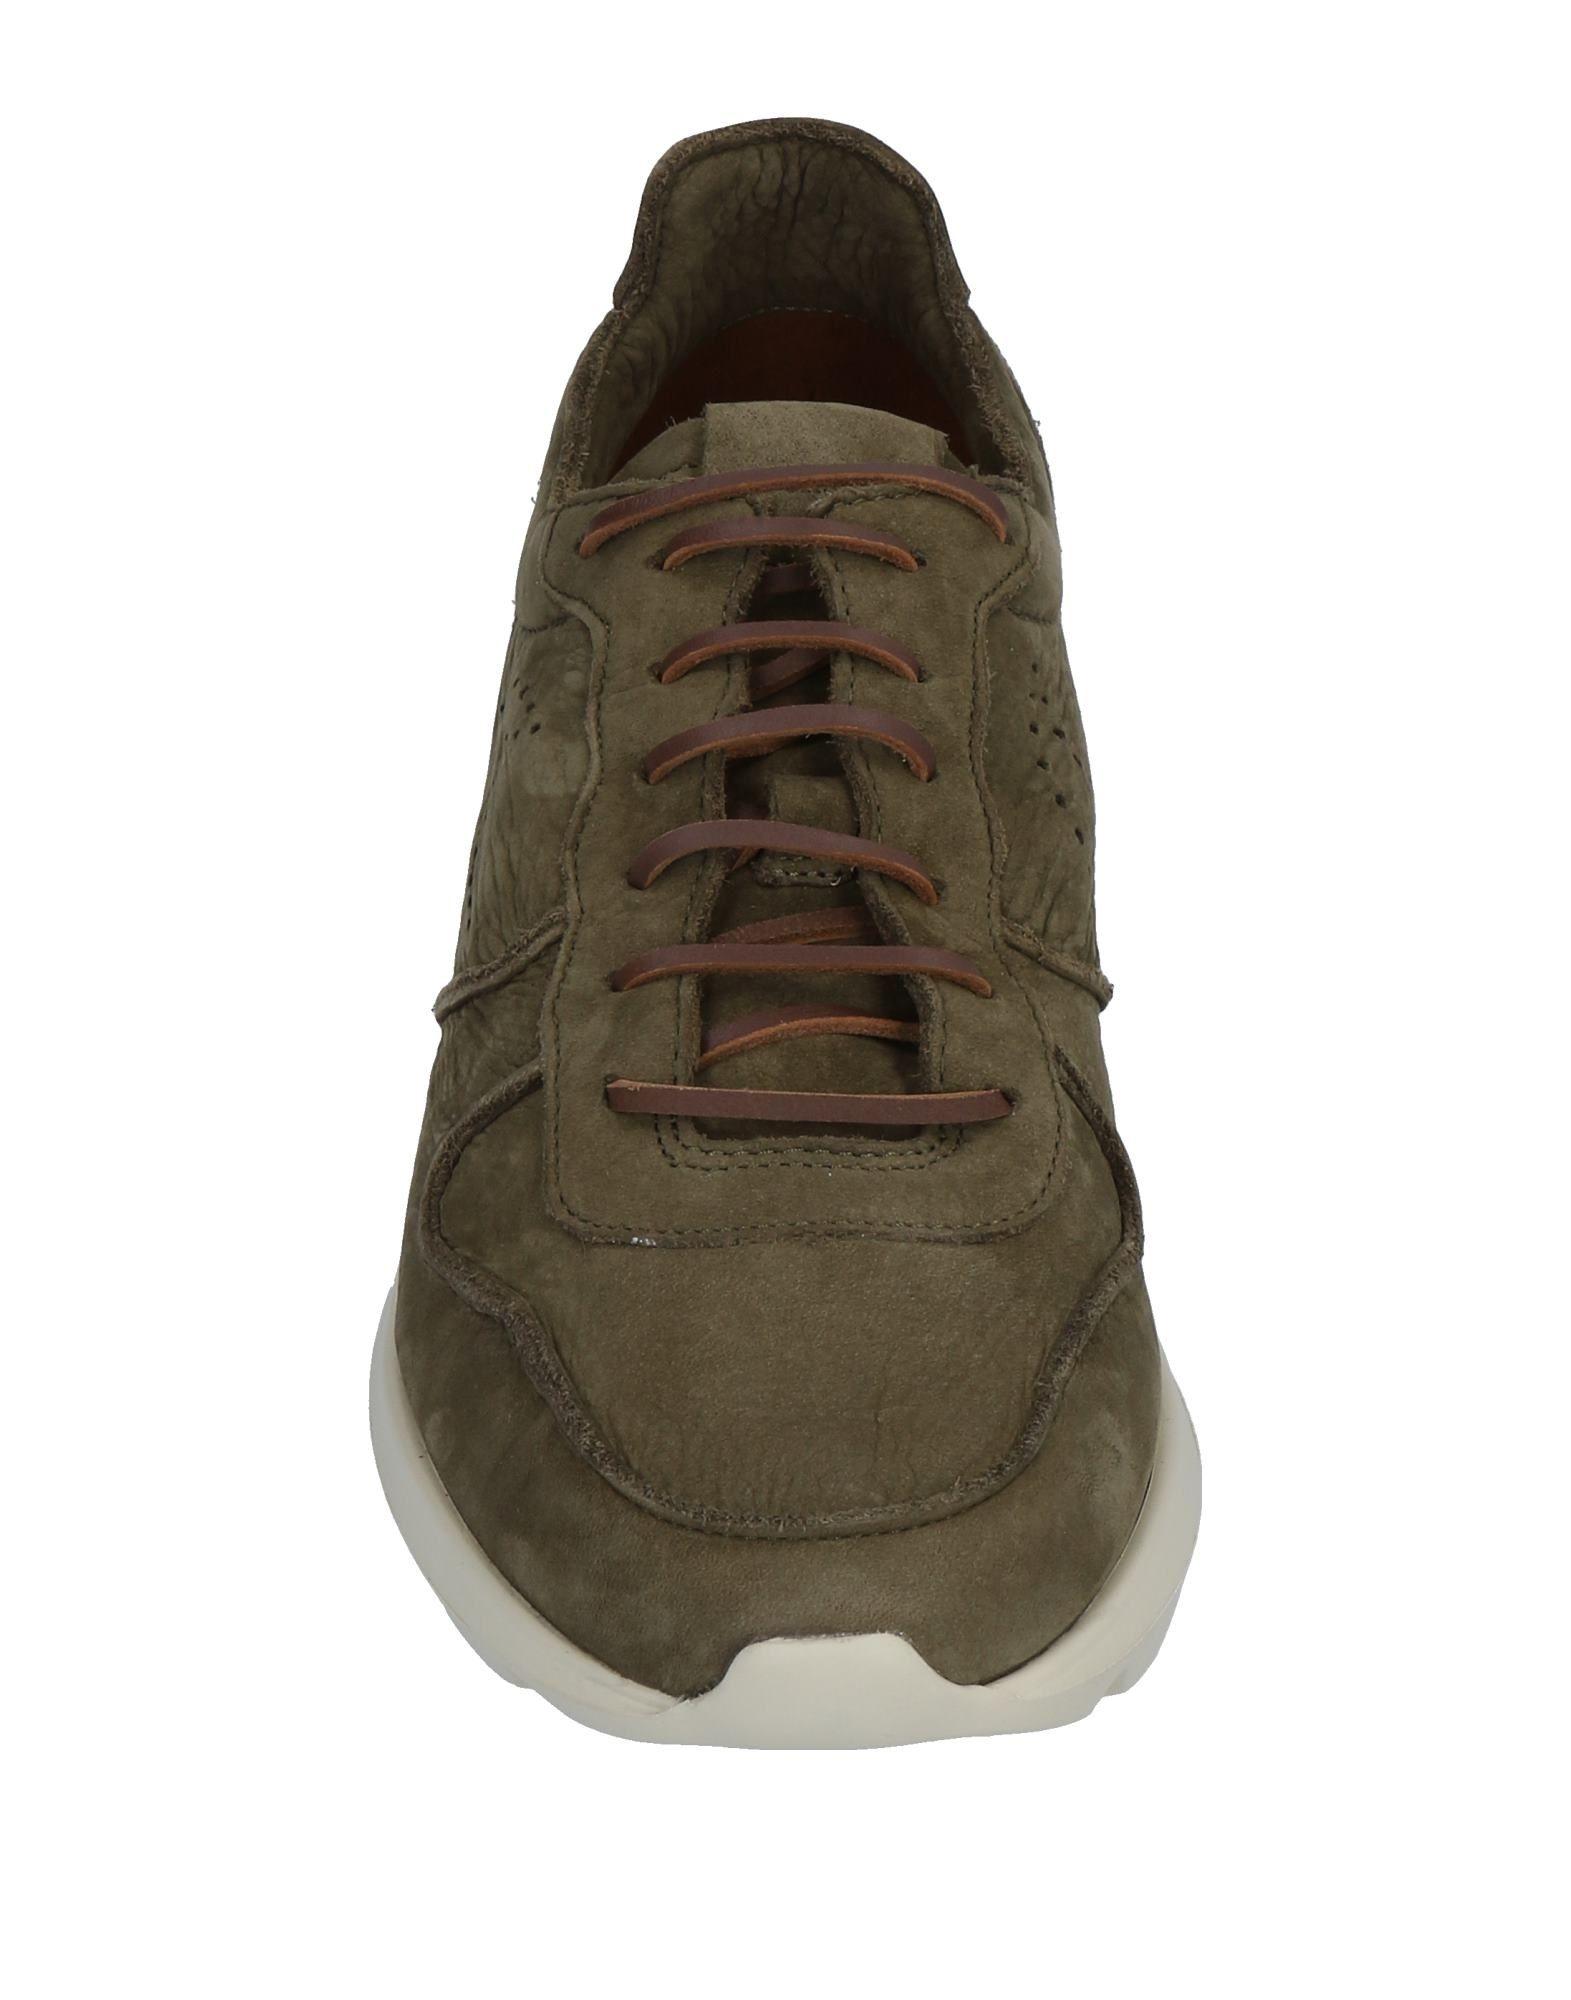 Scarpe economiche e resistenti Sneakers Docksteps Uomo - 11477355JK